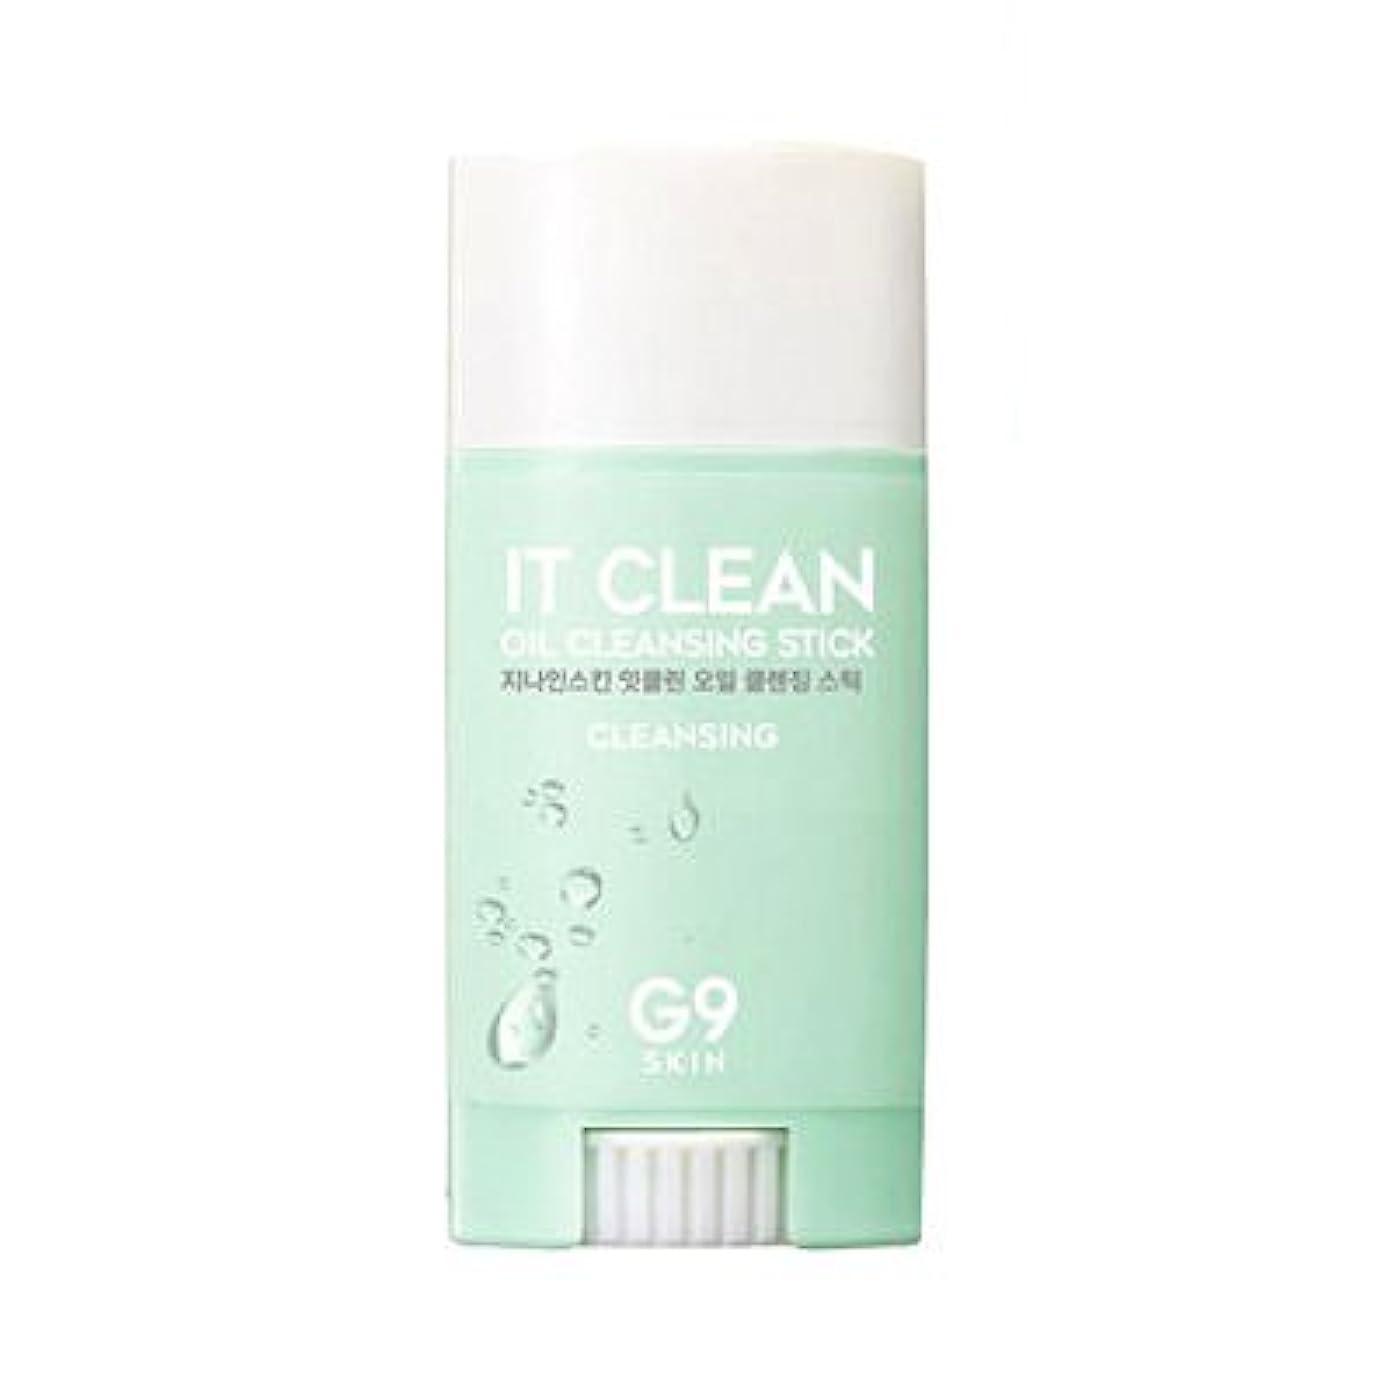 フレット連続的経歴G9SKIN(ベリサム) It Clean Oil Cleansing Stick イットクリーンオイルクレンジングスティック